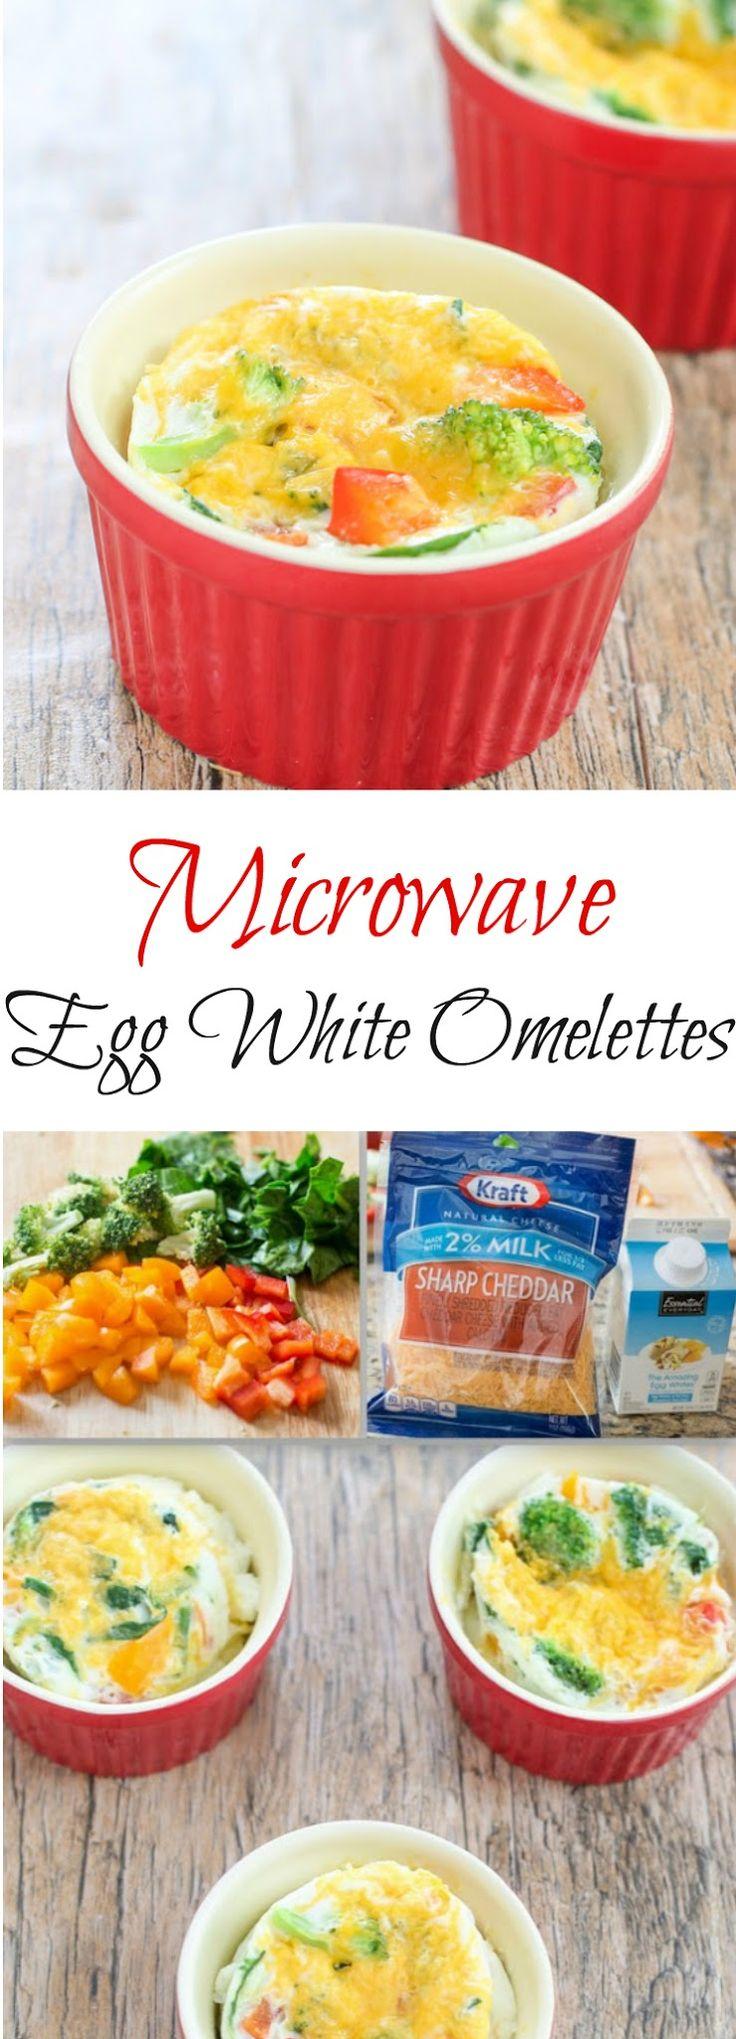 Microwave Egg White Omelets. An easy breakfast